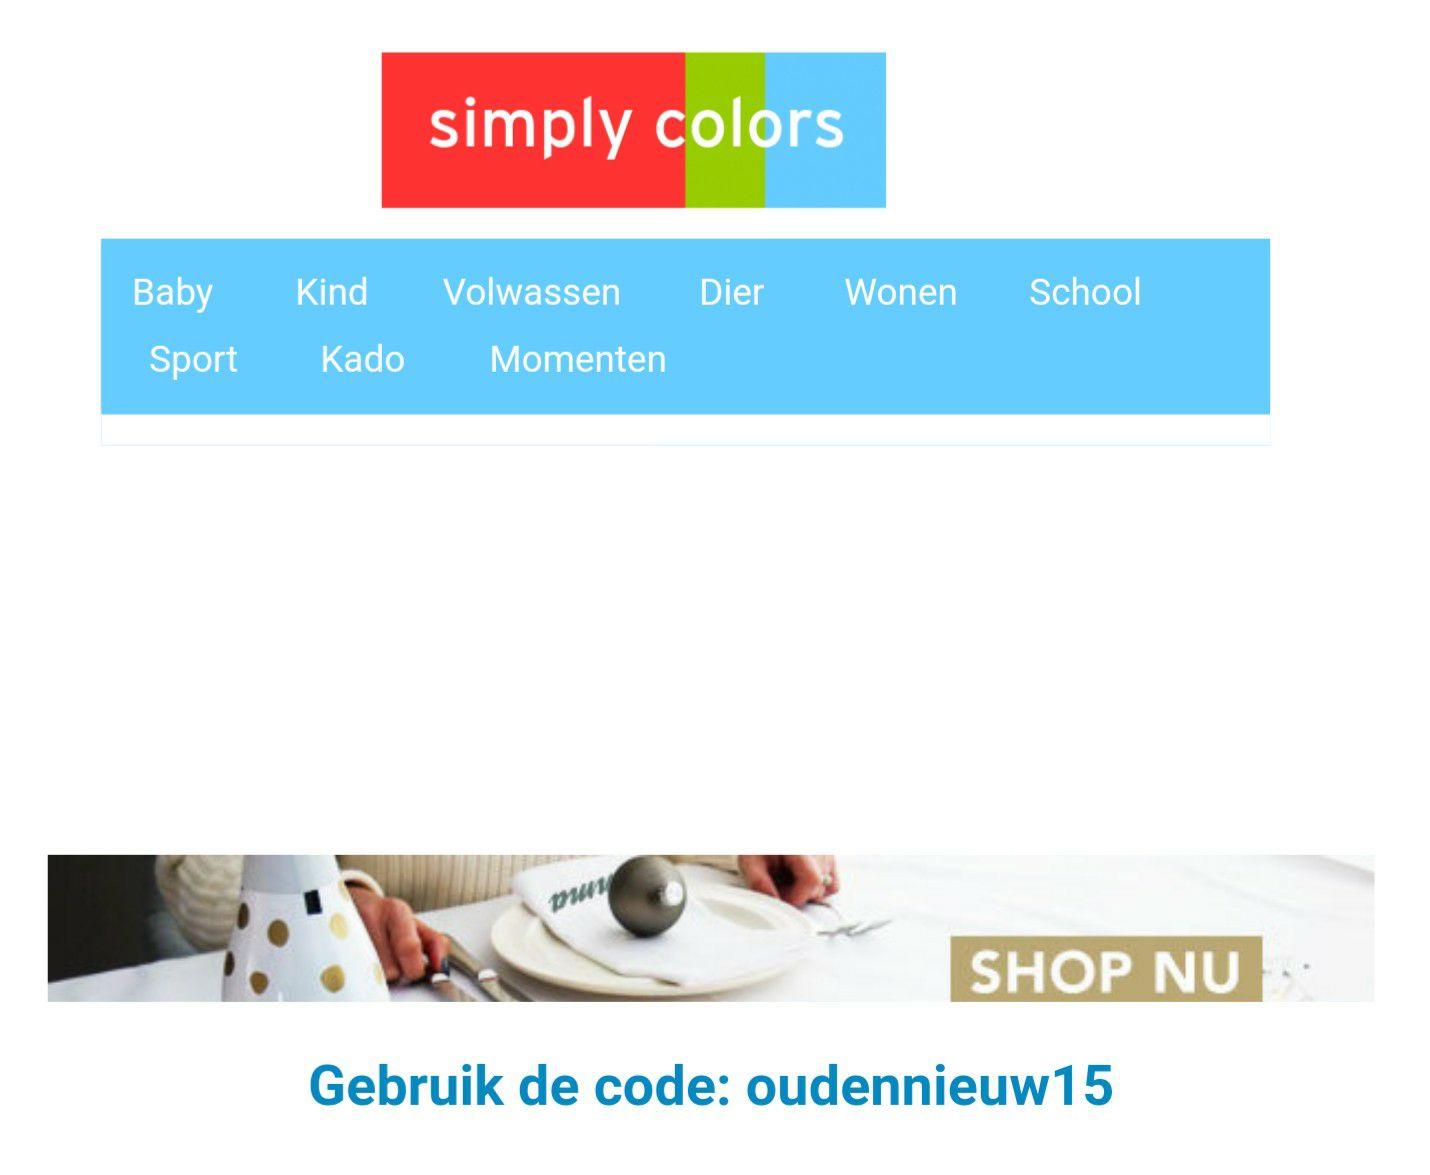 15% korting bij simply colors